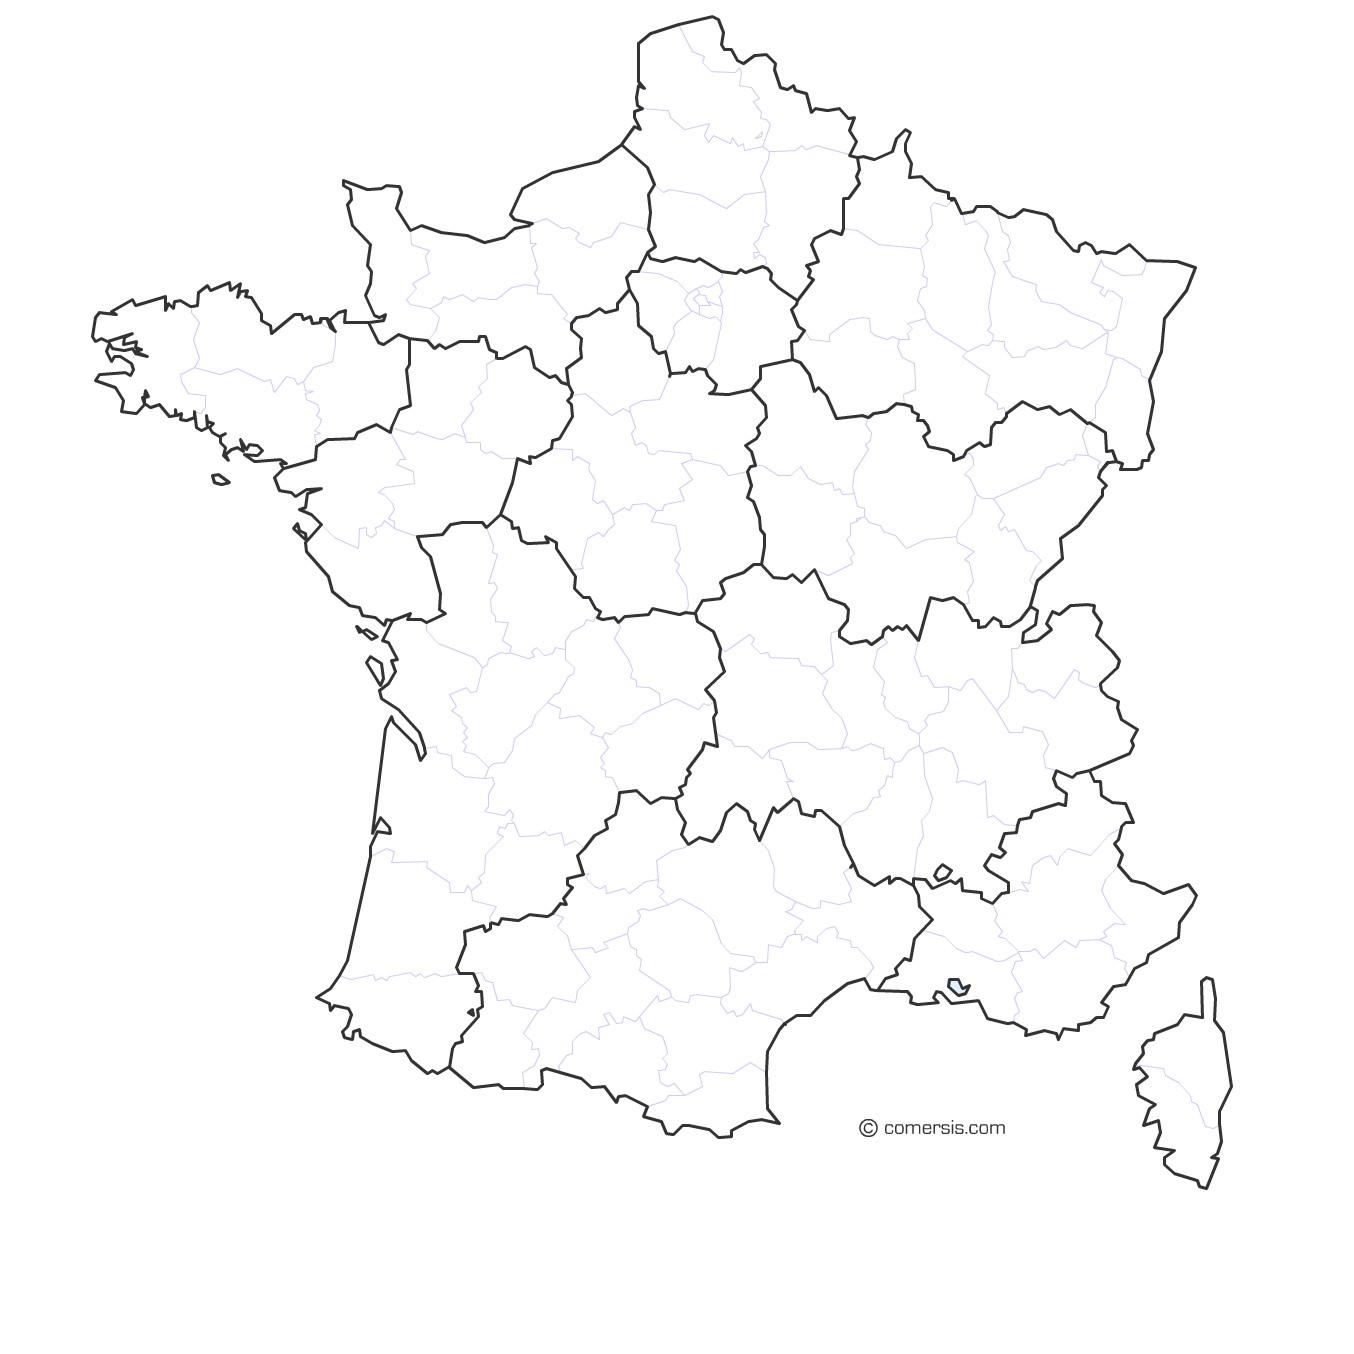 204E Carte France Region | Wiring Library intérieur Carte De France Par Régions Et Départements